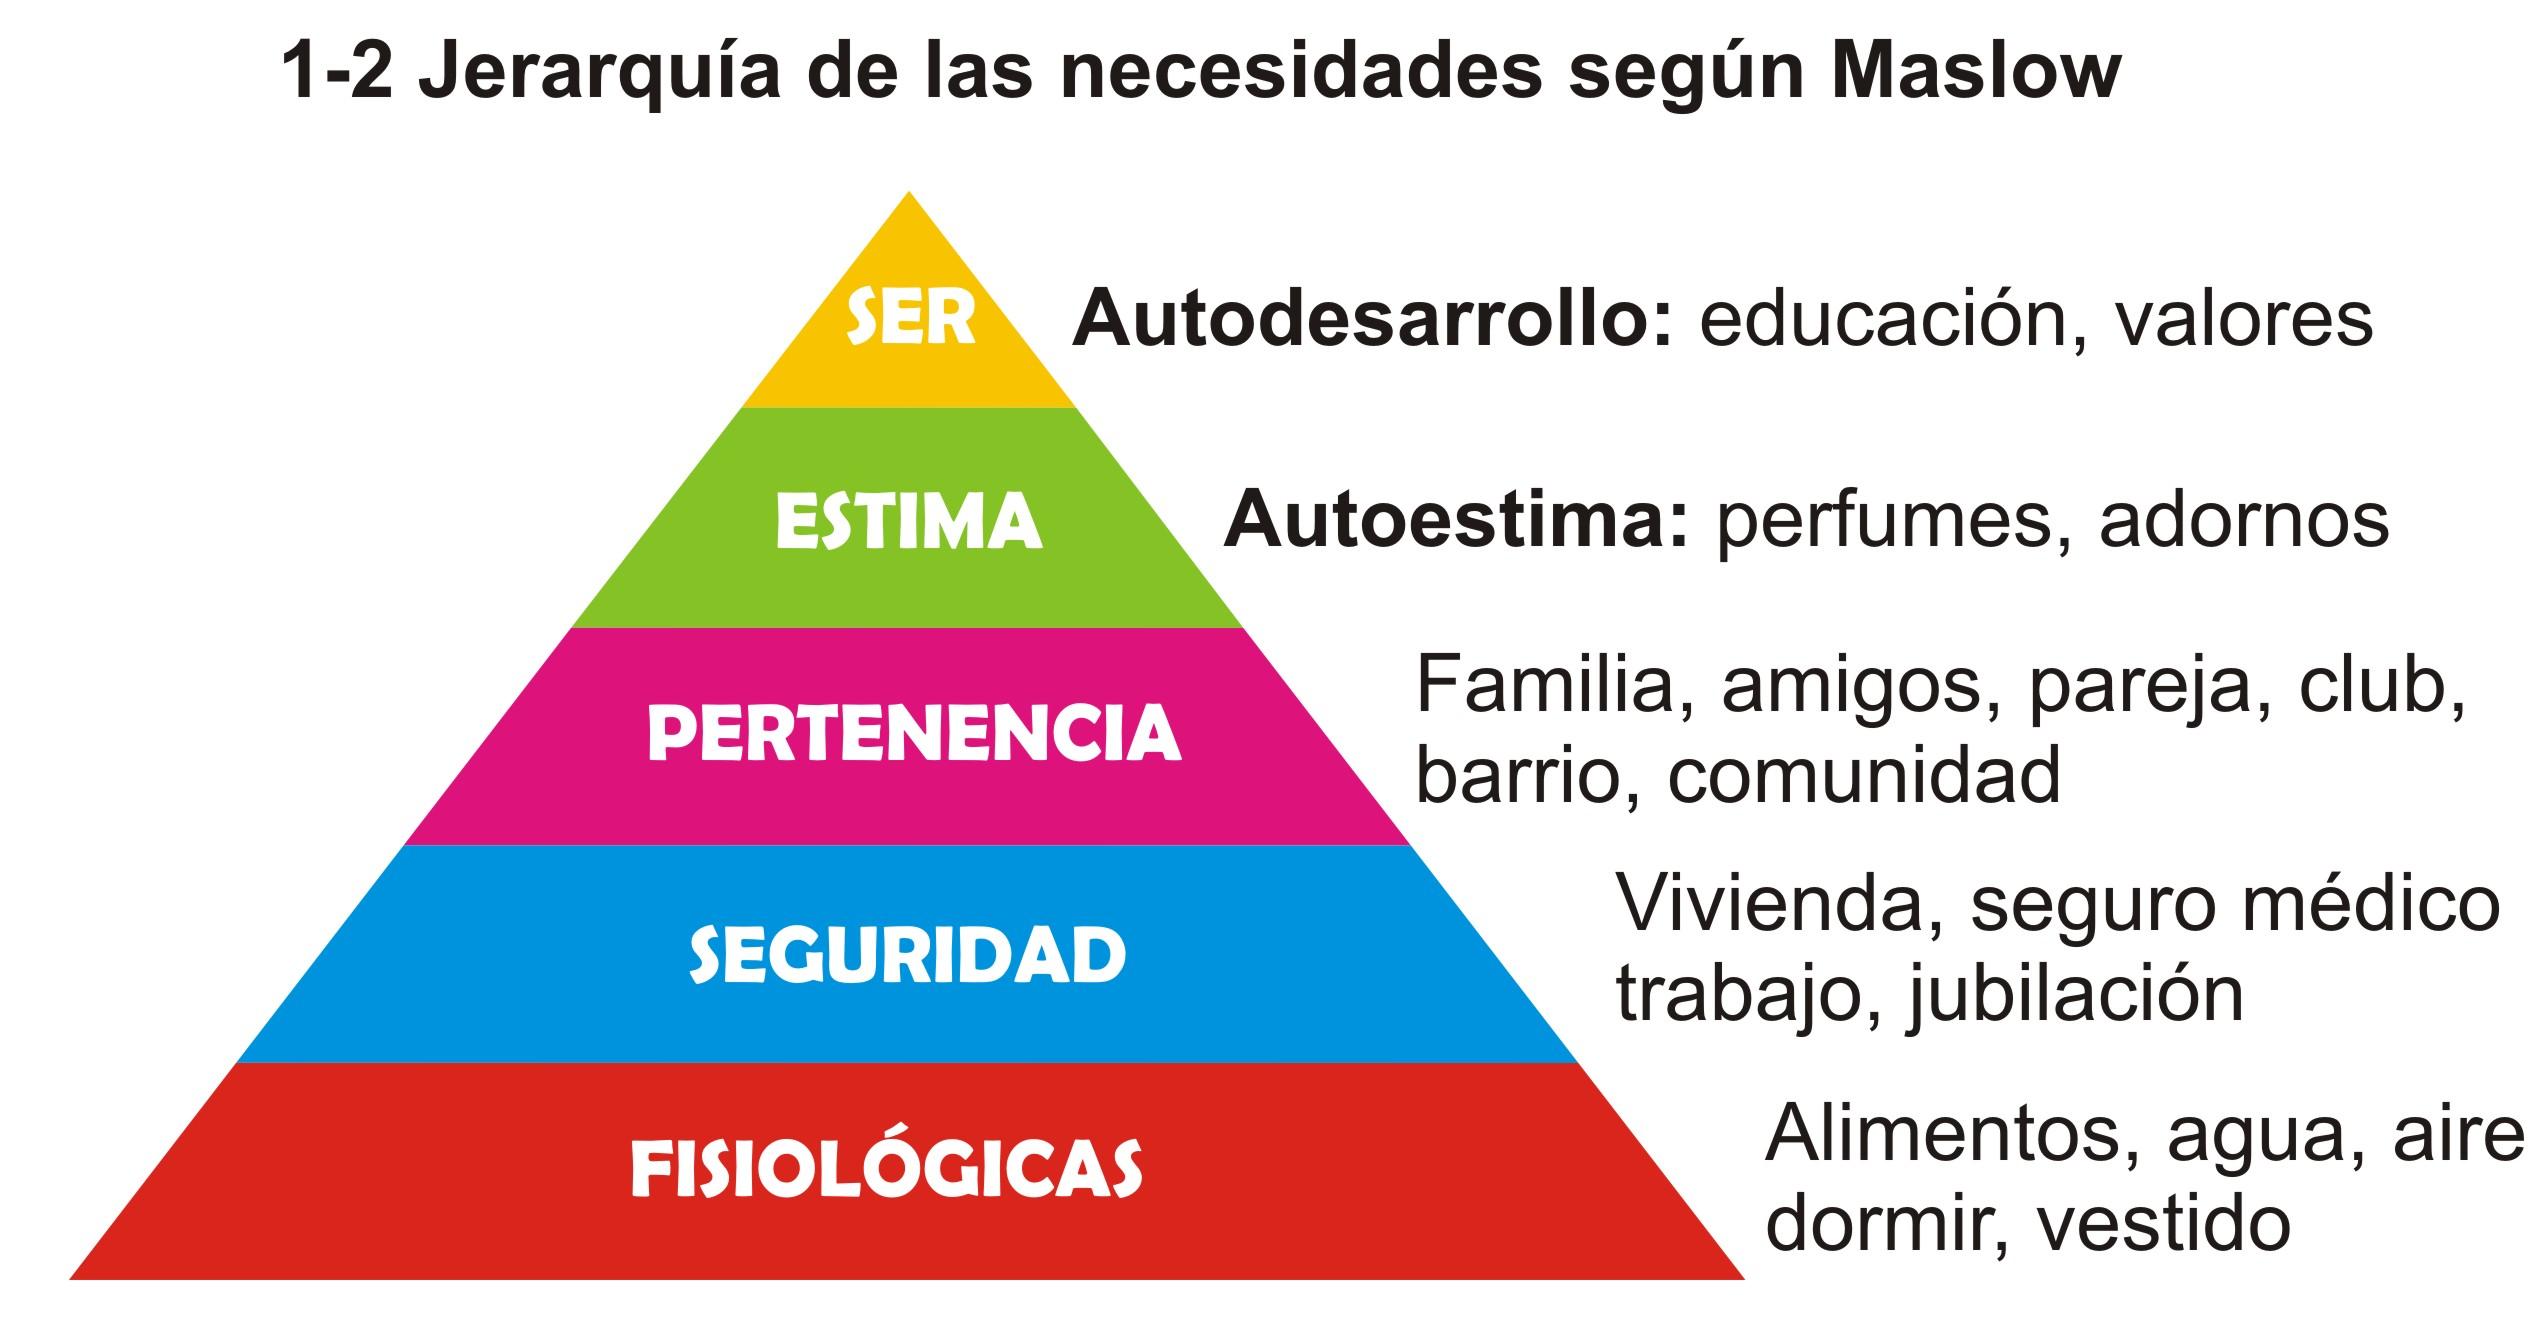 Diversidad sexual y escuela. - Página 2 1-2-jerarquia-de-las-necesidades-segun-maslow